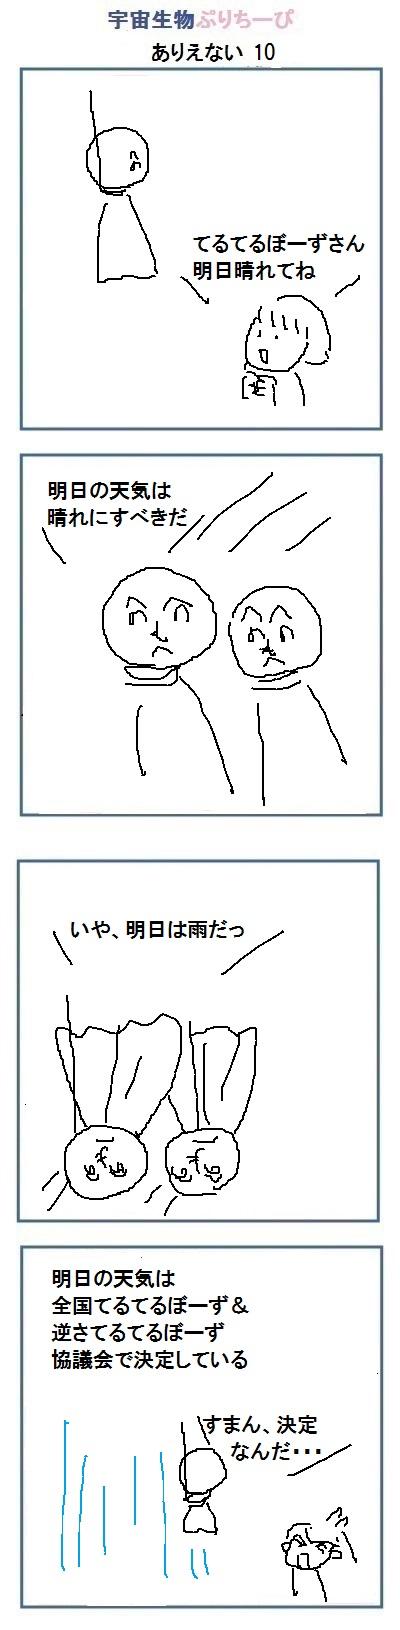 160621_ありえない10